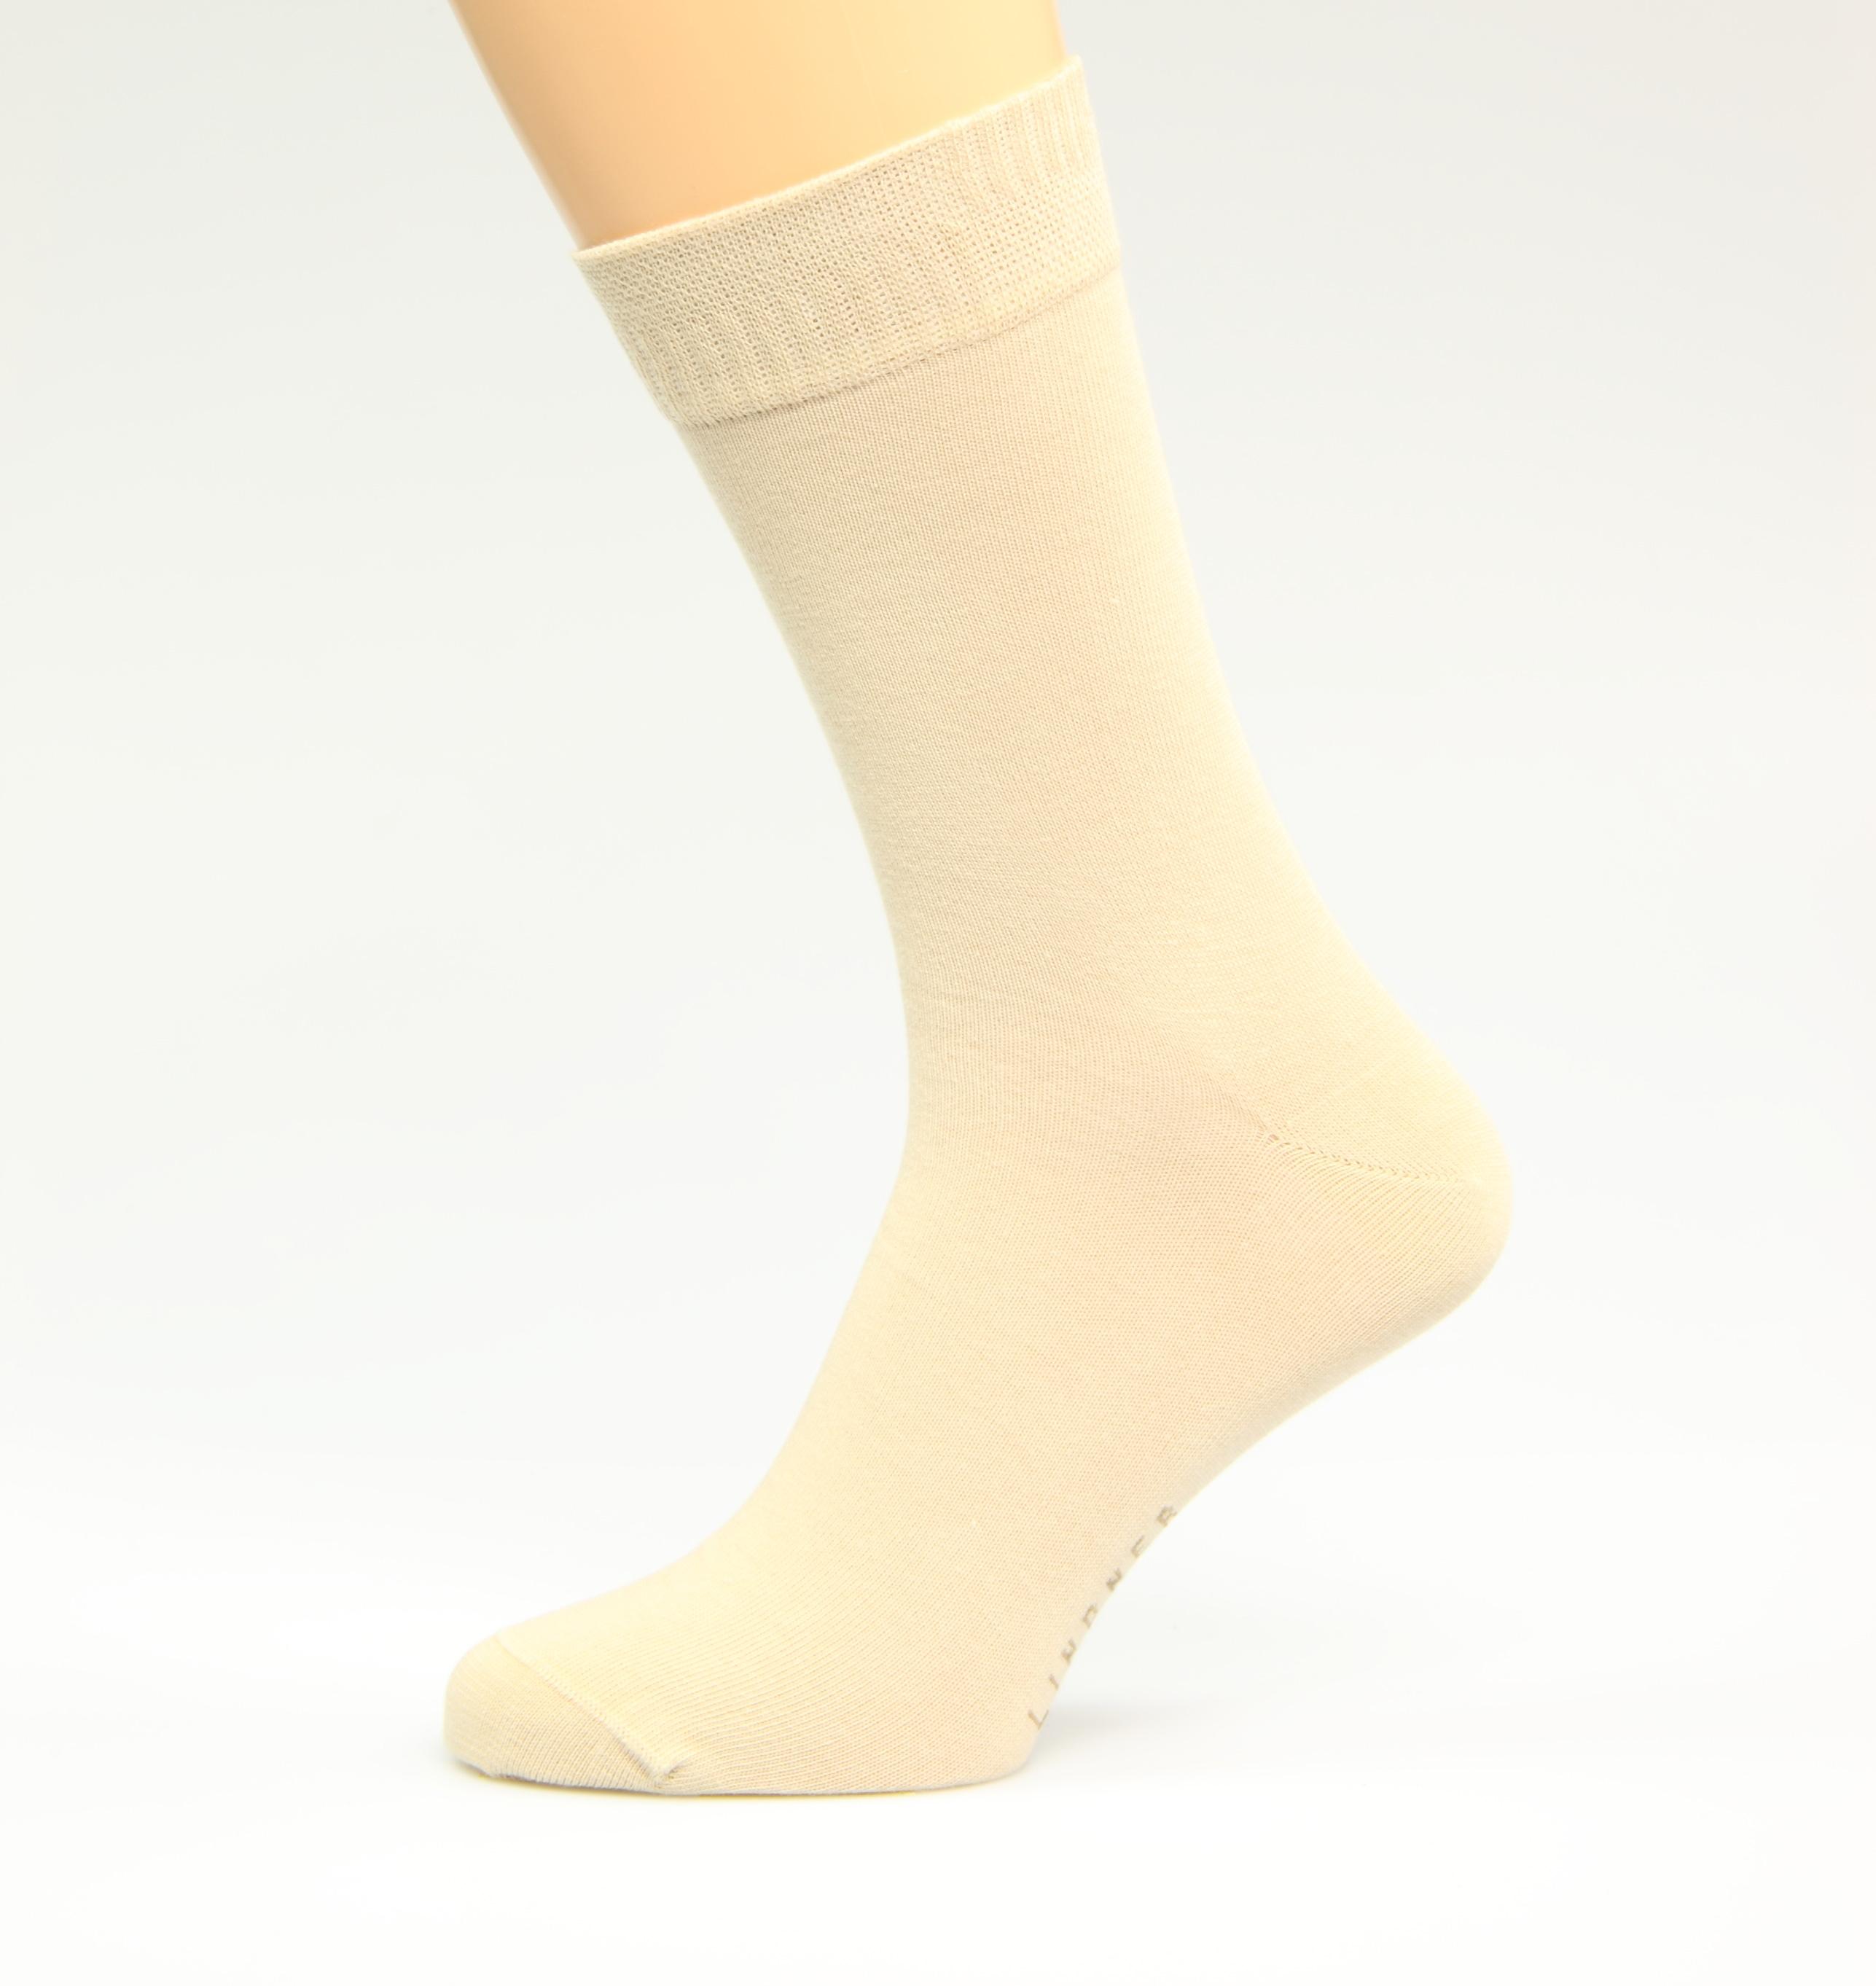 Diabetiker-Socken-beige-Gr-sse-42-44